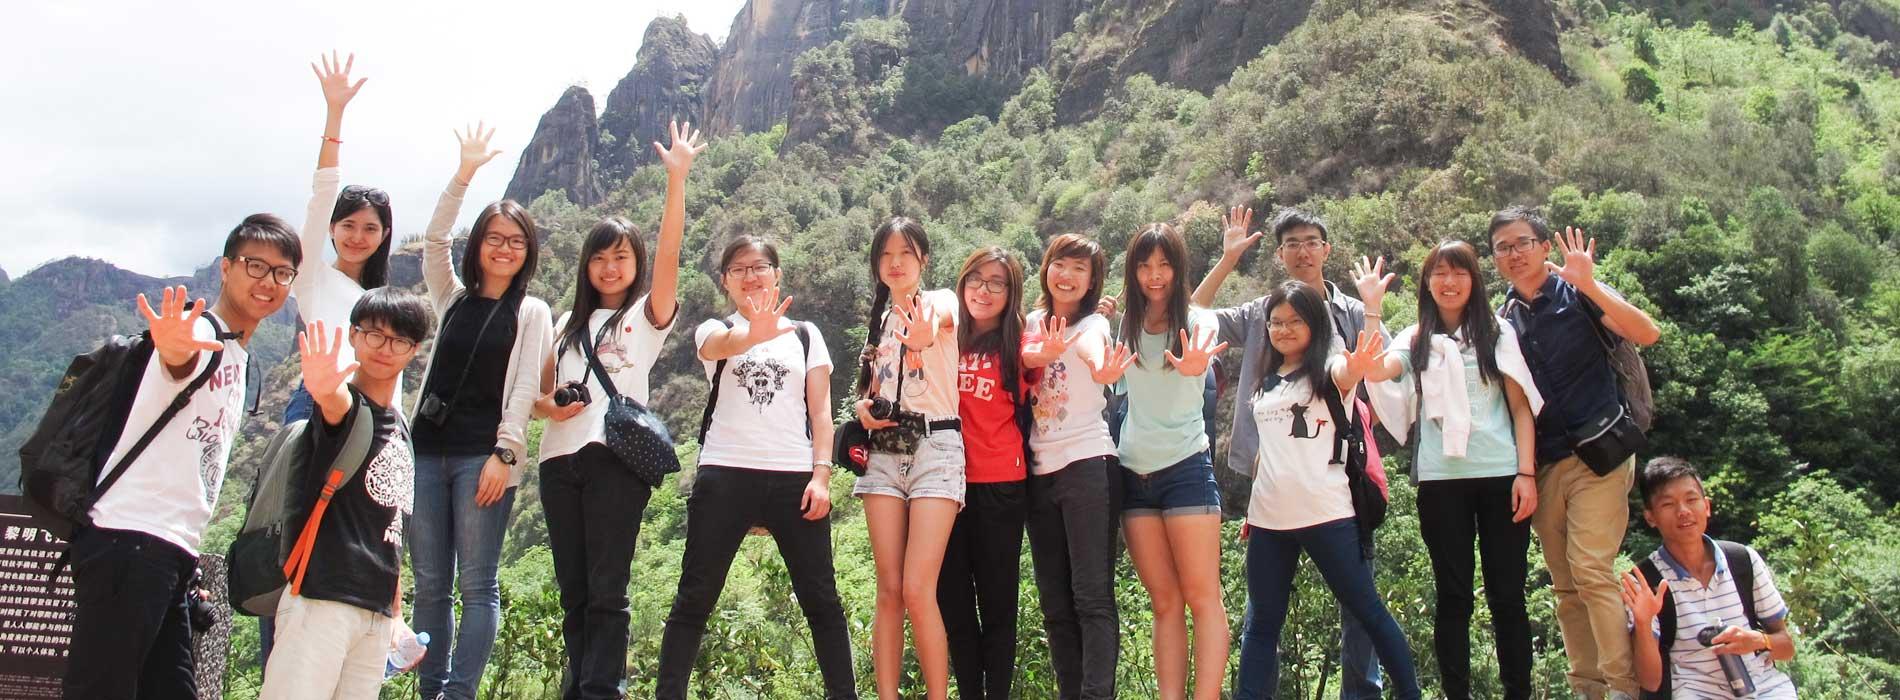 大學青年會香港中文大學下載專區頁面橫幅